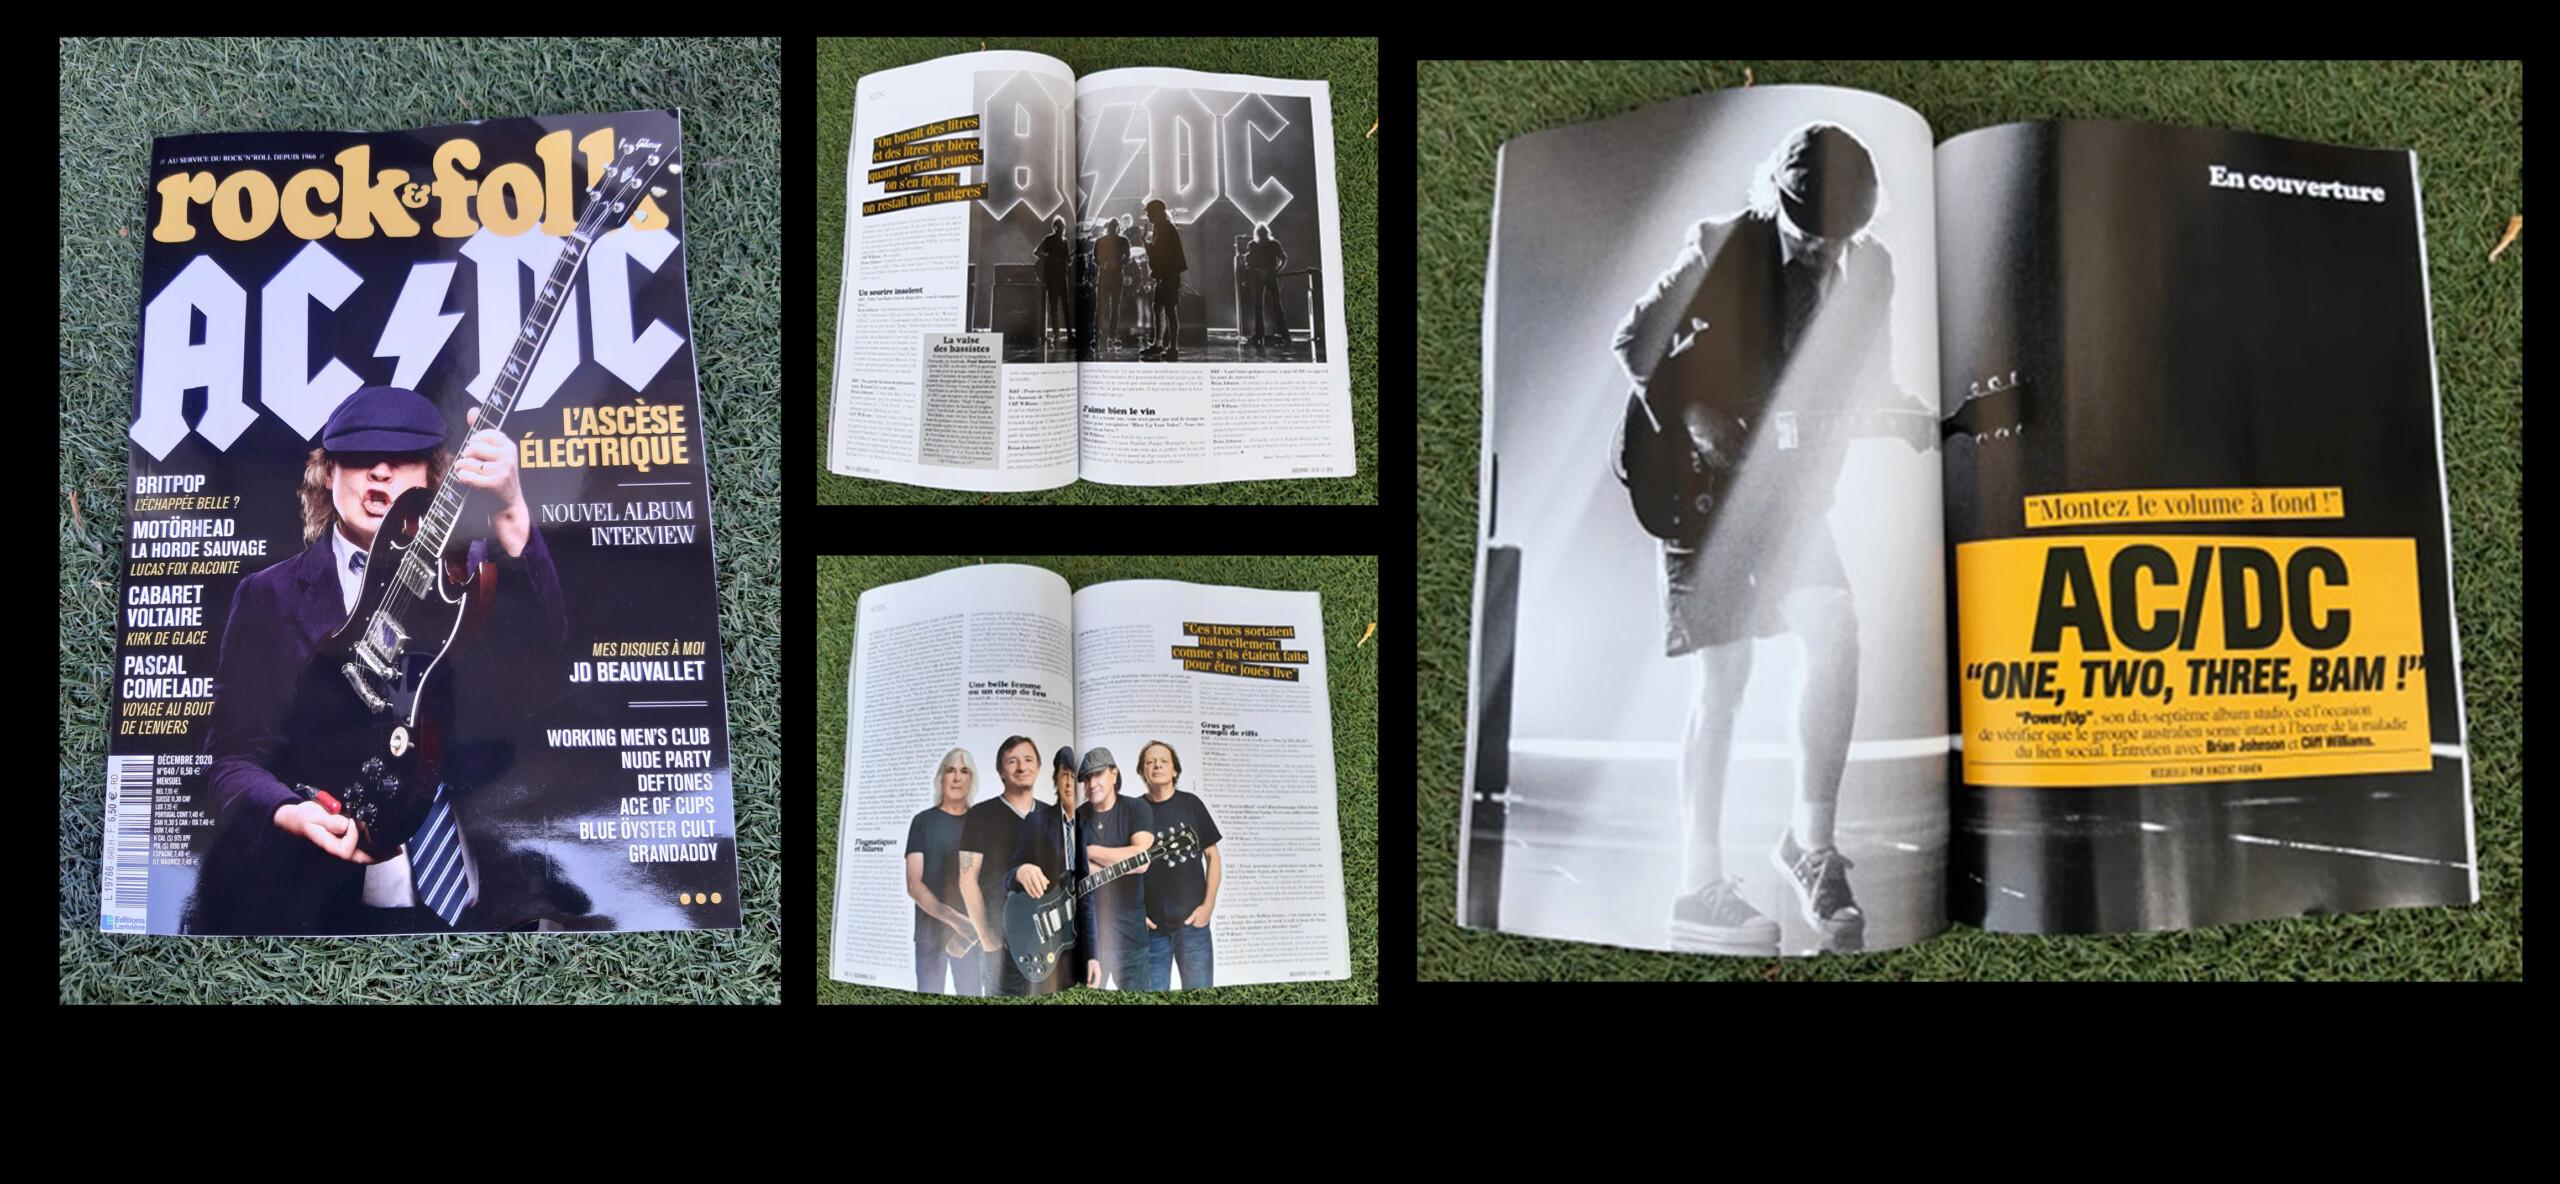 ROCK'N'FOLK n°640 Décembre 2020 (AC/DC en couverture) Untitl24